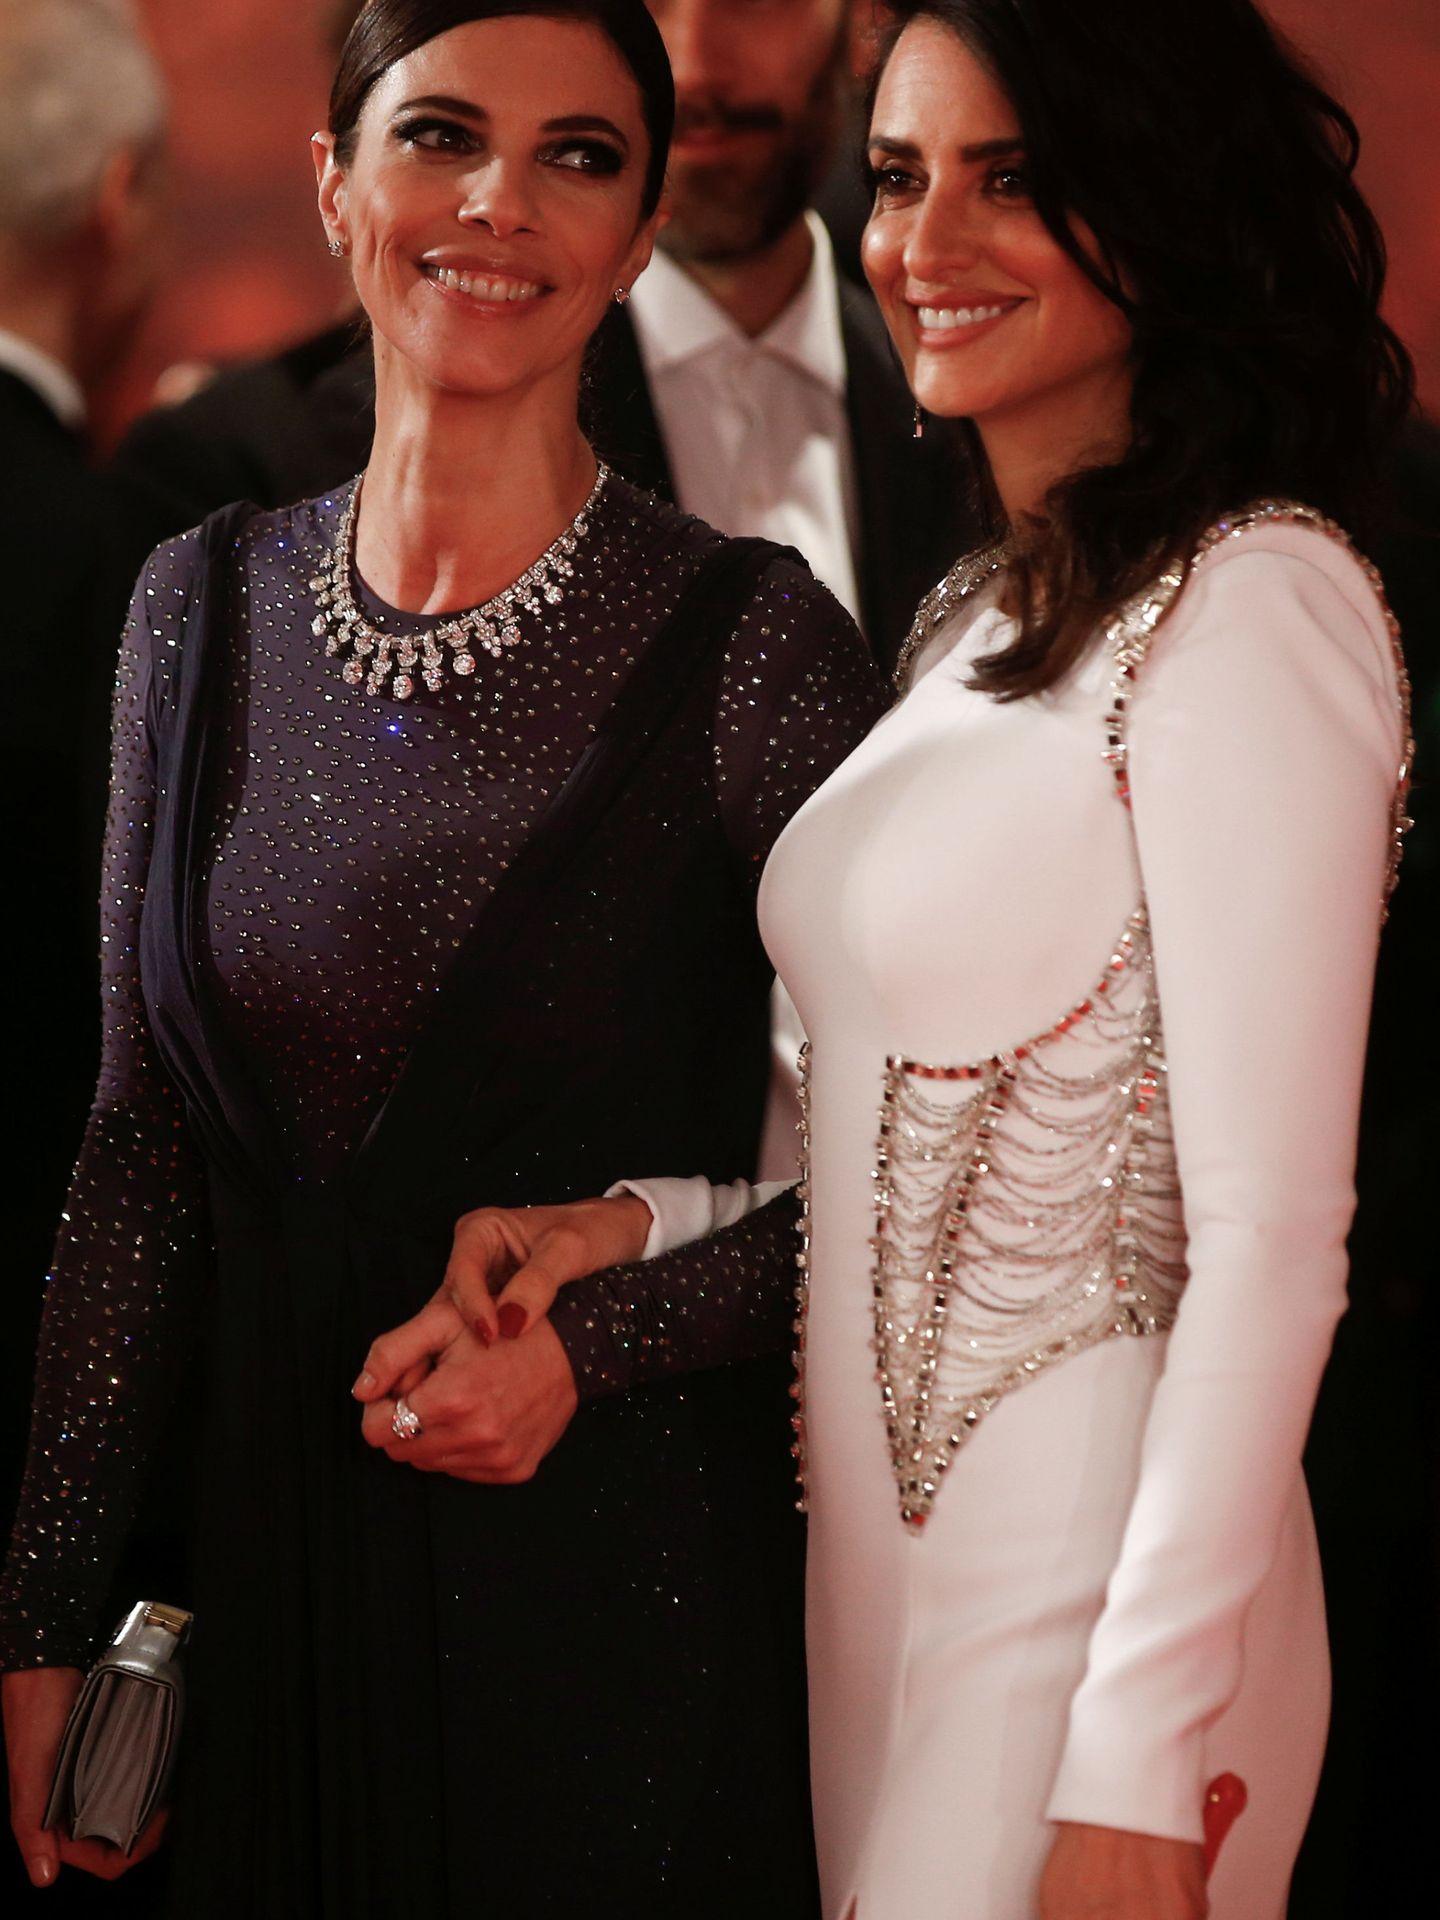 Maribel Verdú y Penélope Cruz, en los Goya de 2018. Ella estaba nominada por 'Abracadabra' y Cruz por 'Loving Pablo'. (Reuters)